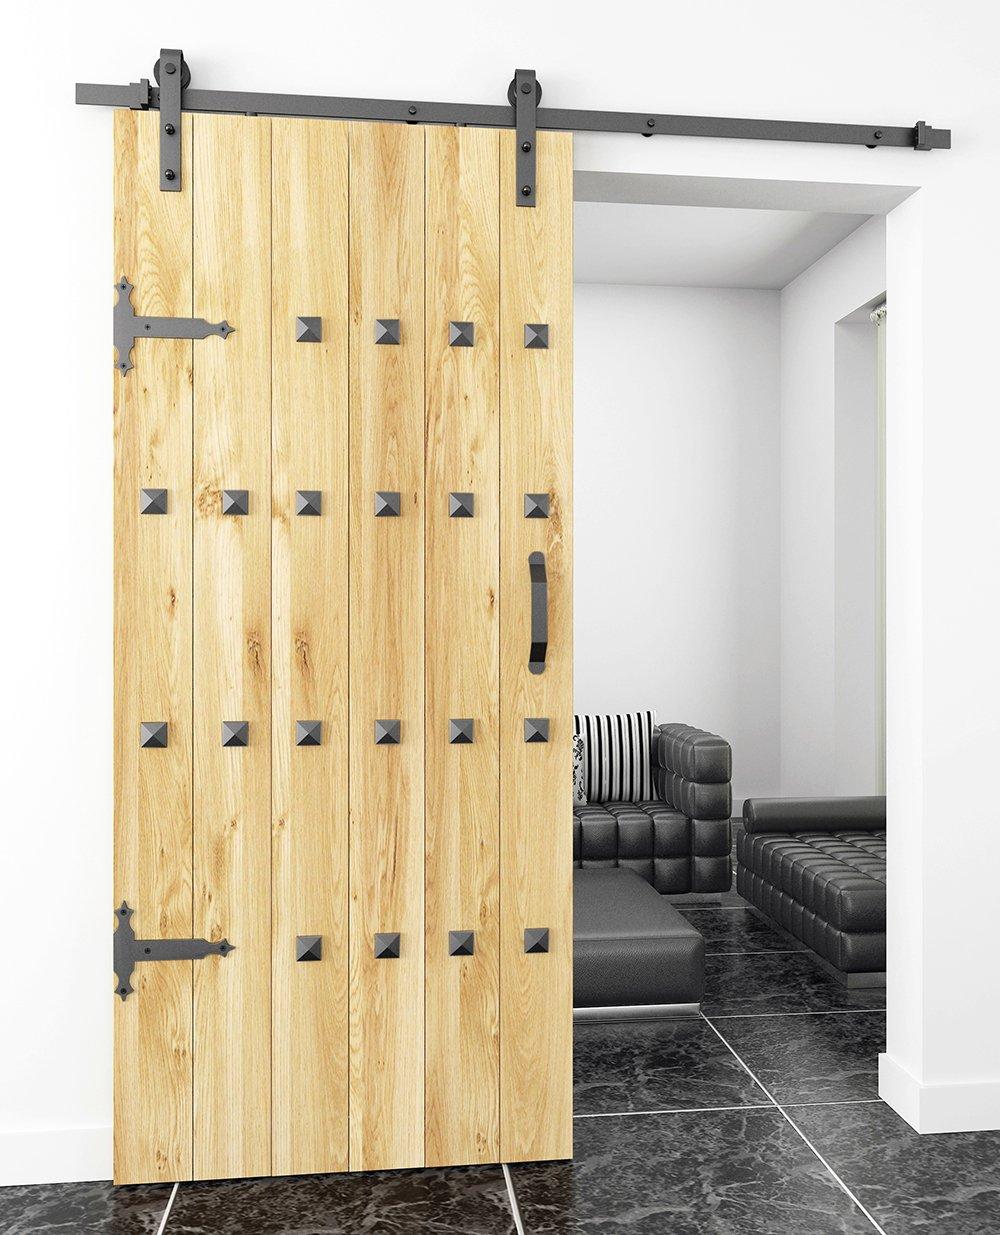 DIYHD 7-5//8 barn Door Slab L Bracket Sliding barn Door Decorative Corner Bracket Hardware